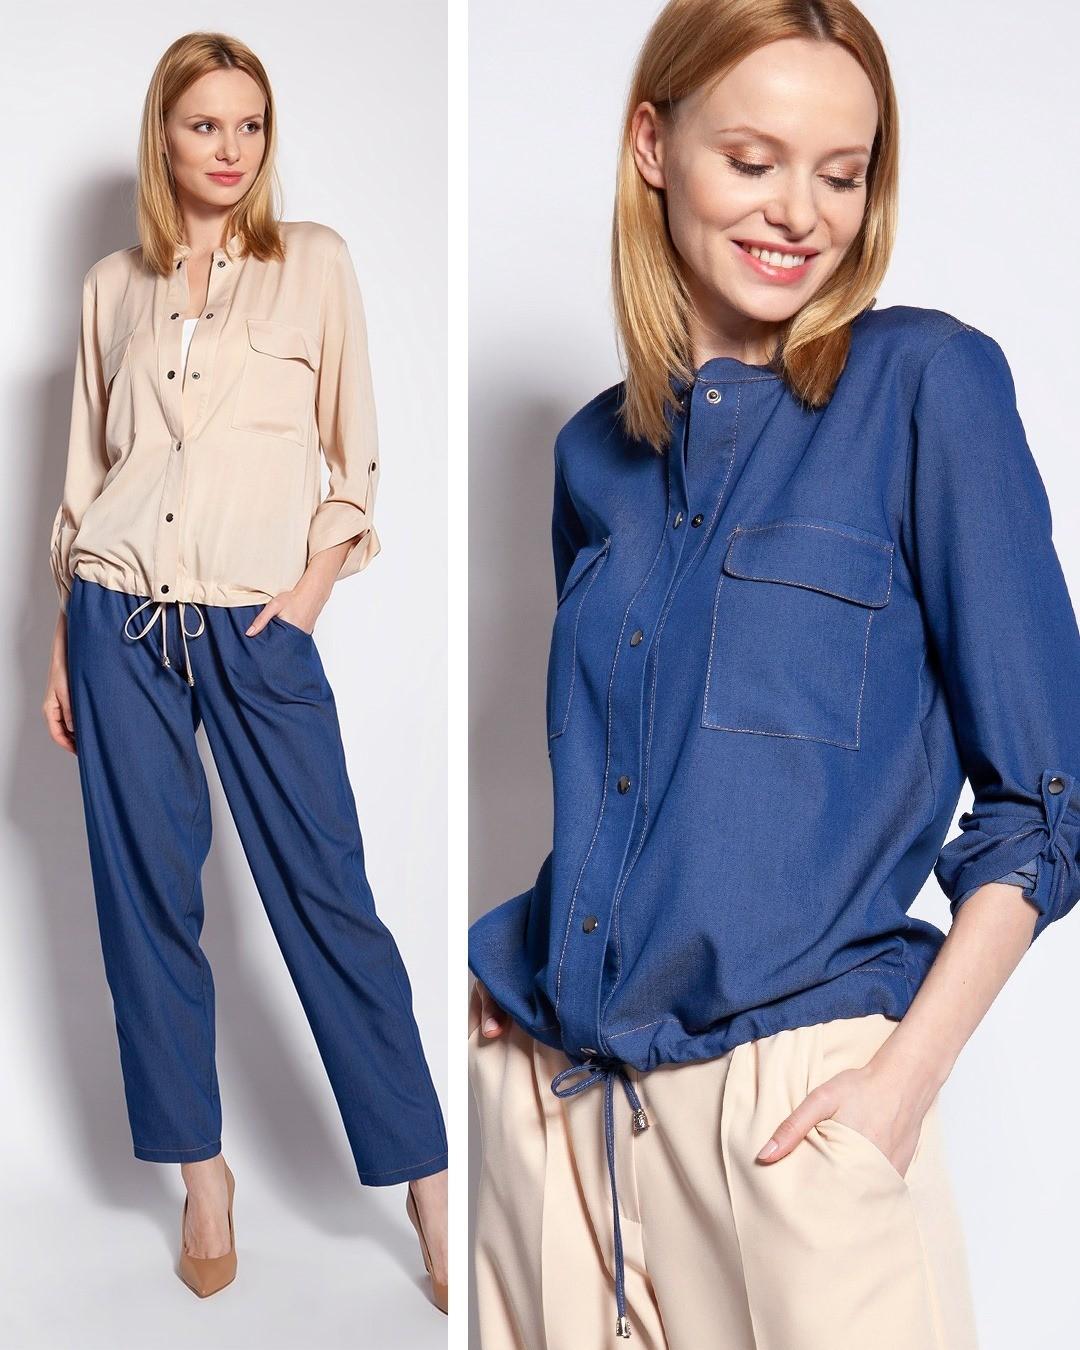 Beż + jeans czy jeans + beż? Obie opcje stylowe, obie mega wygodne, więc może – po co wybierać? #lekkakurtka #stylizacjanajesien #stylsportowy #stylswobodny #elegancja #smartcasual #casualwear #wearcasual #simpleclothes #simplyfashion #kurtka #katana